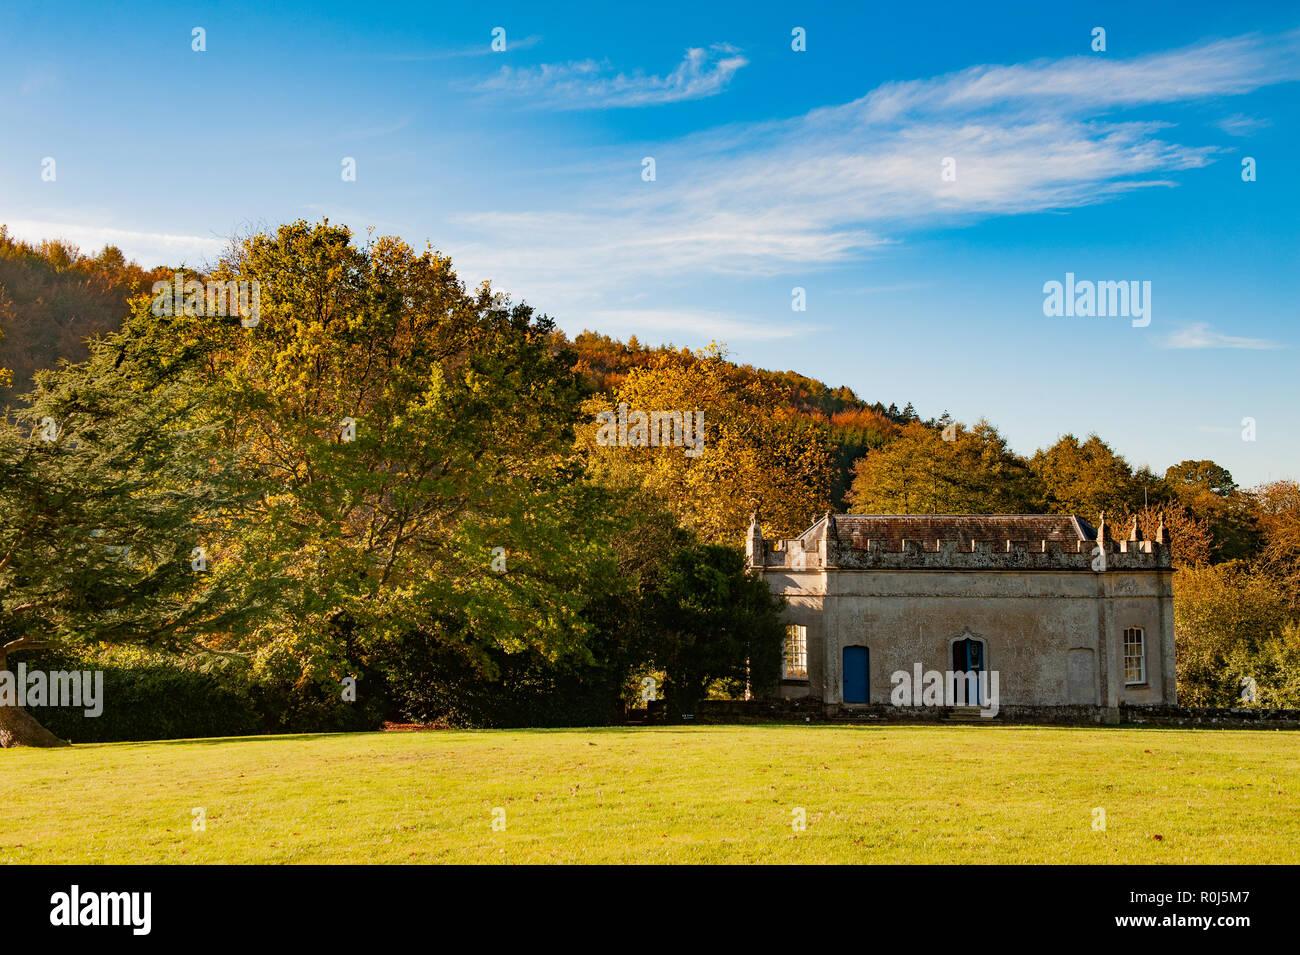 Die Bankett- Haus am Old Wardour Castle, in der Nähe von Tisbury, Salisbury, Wiltshire, UK. Stockbild